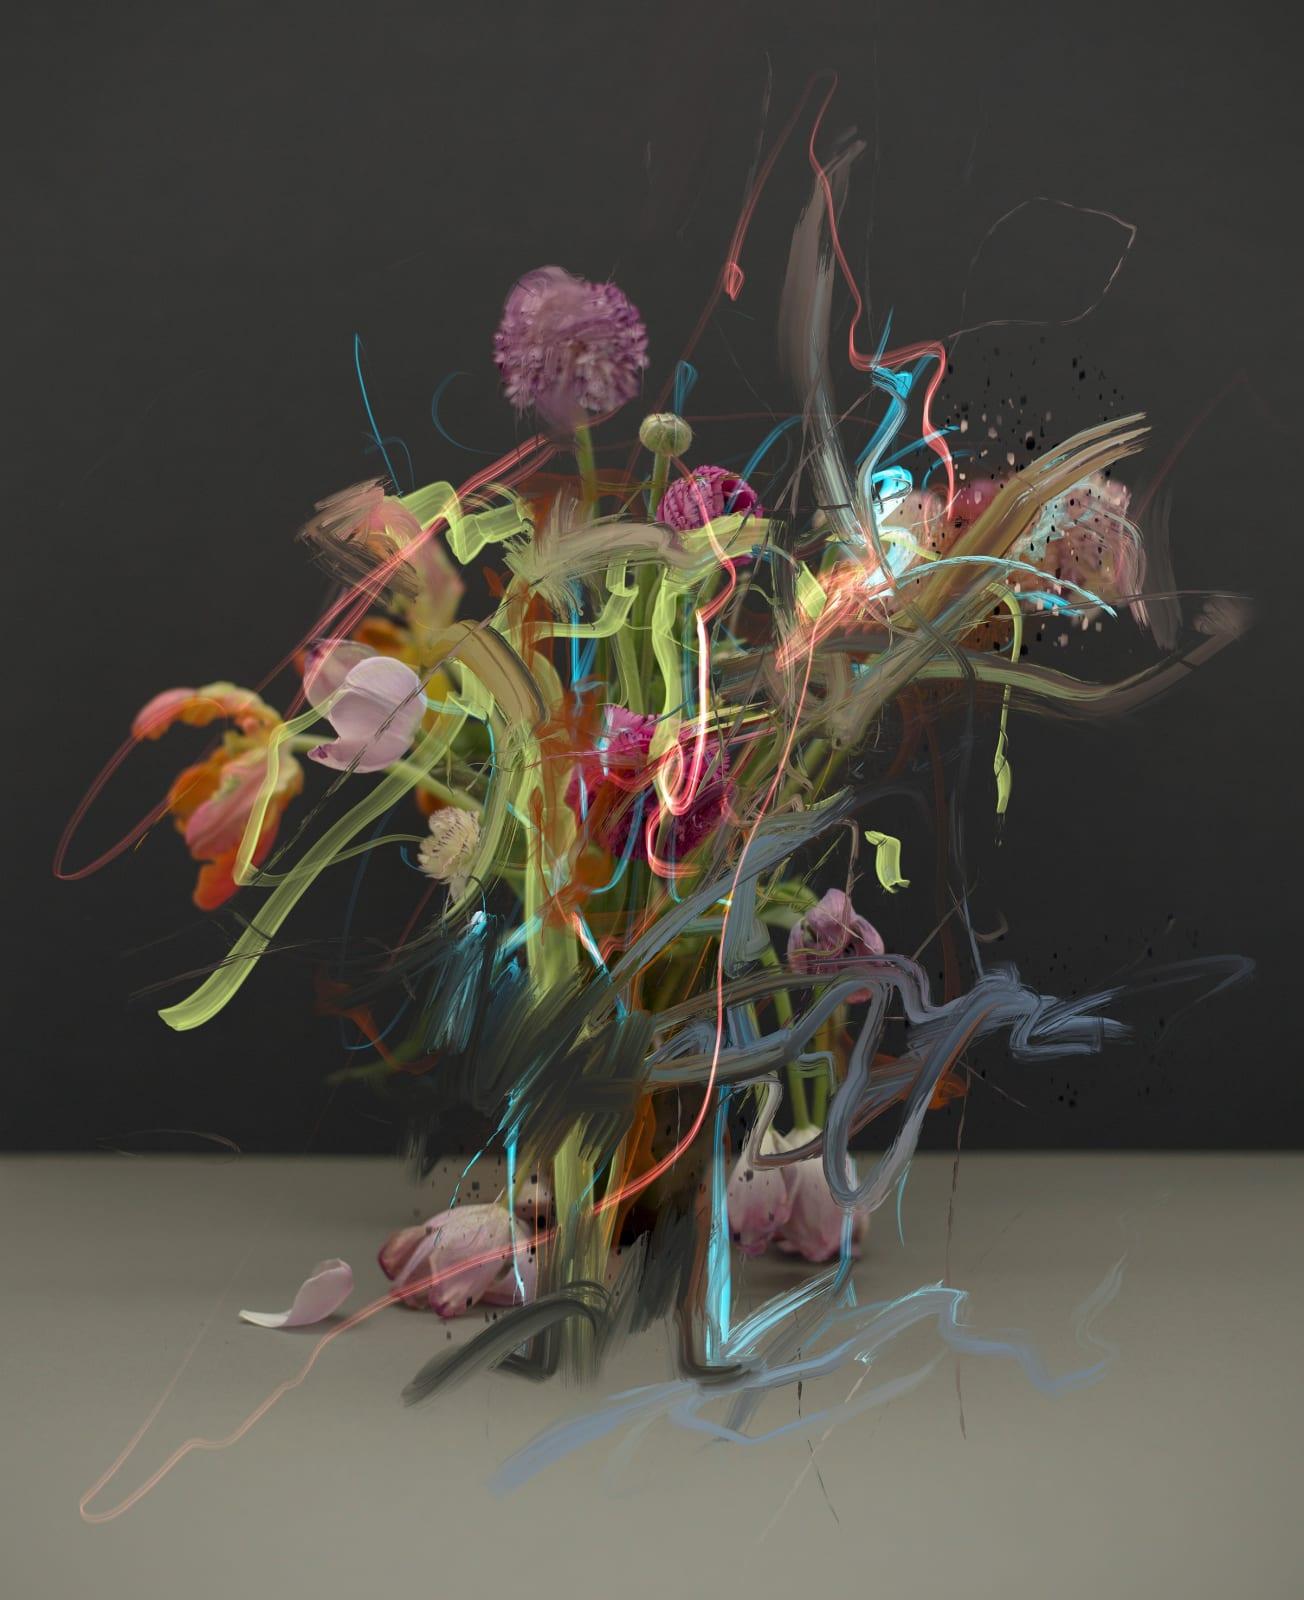 Sandra Kantanen, Still life (Flowers 1), 2020